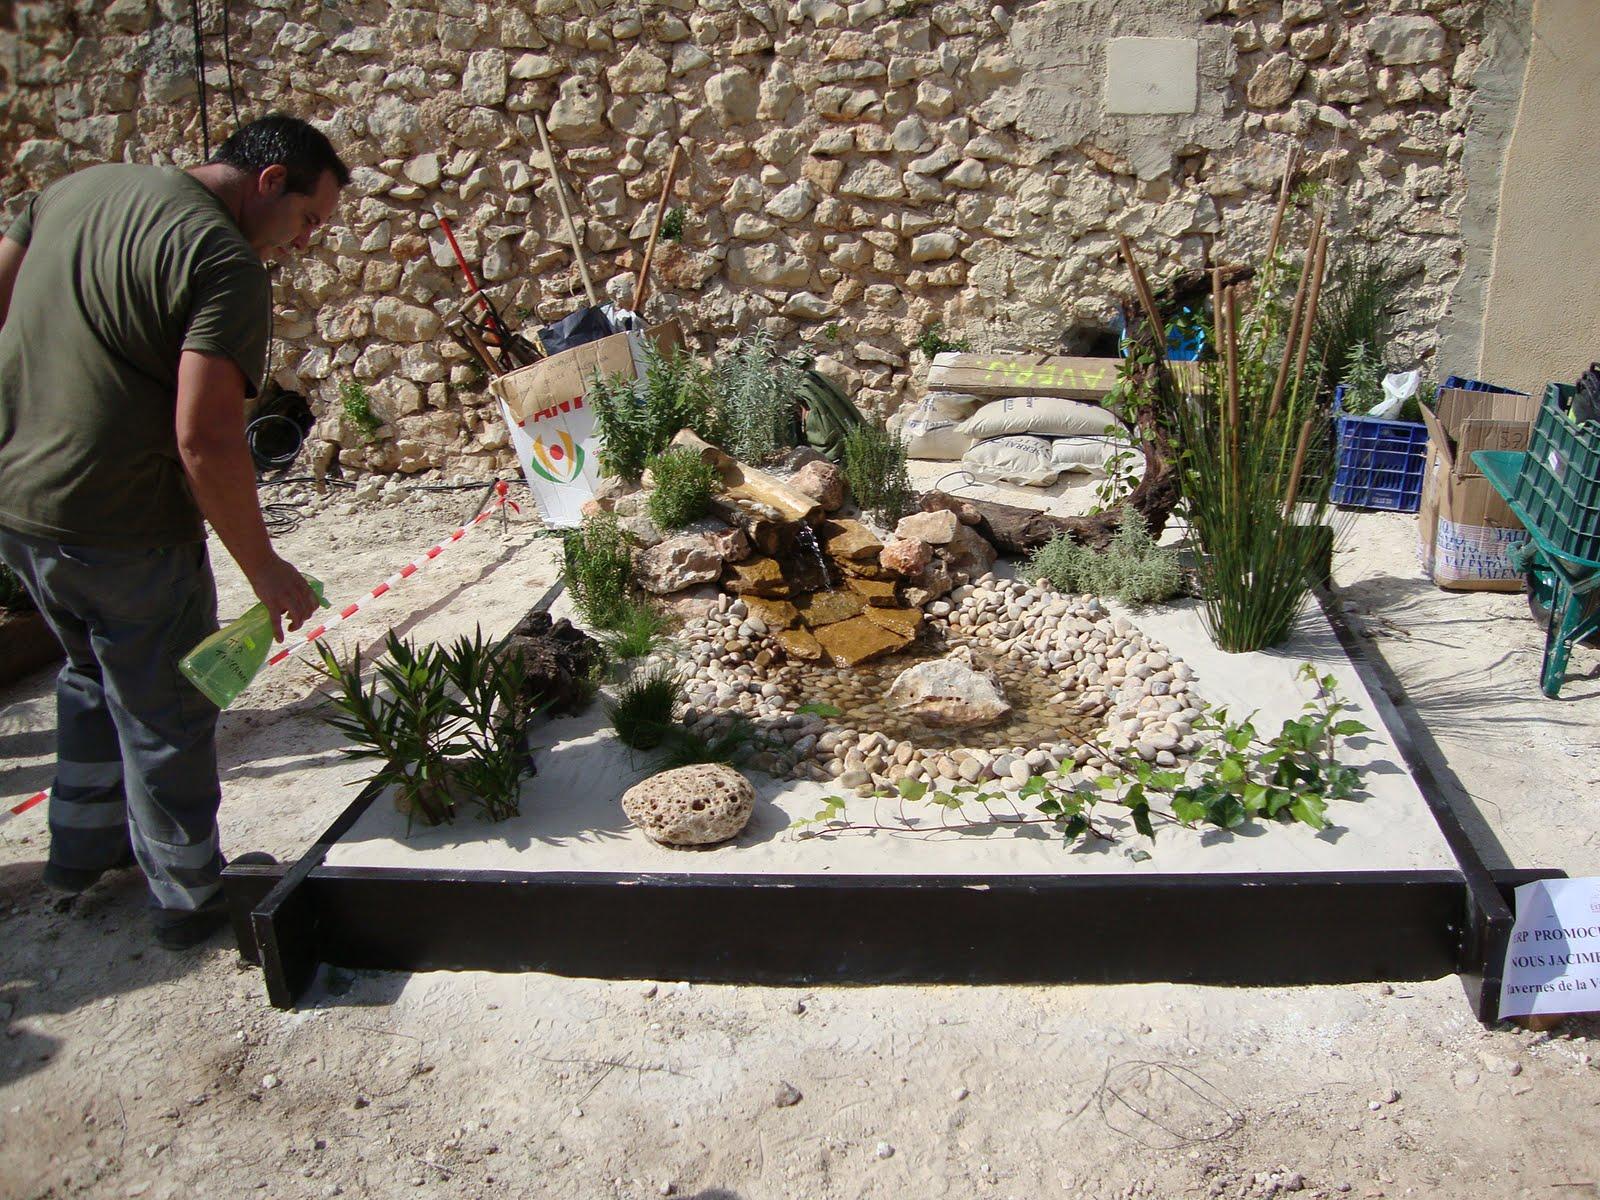 Formajardin concurso de jardiner a en expoetcote 2010 - Jardineria villanueva valencia ...